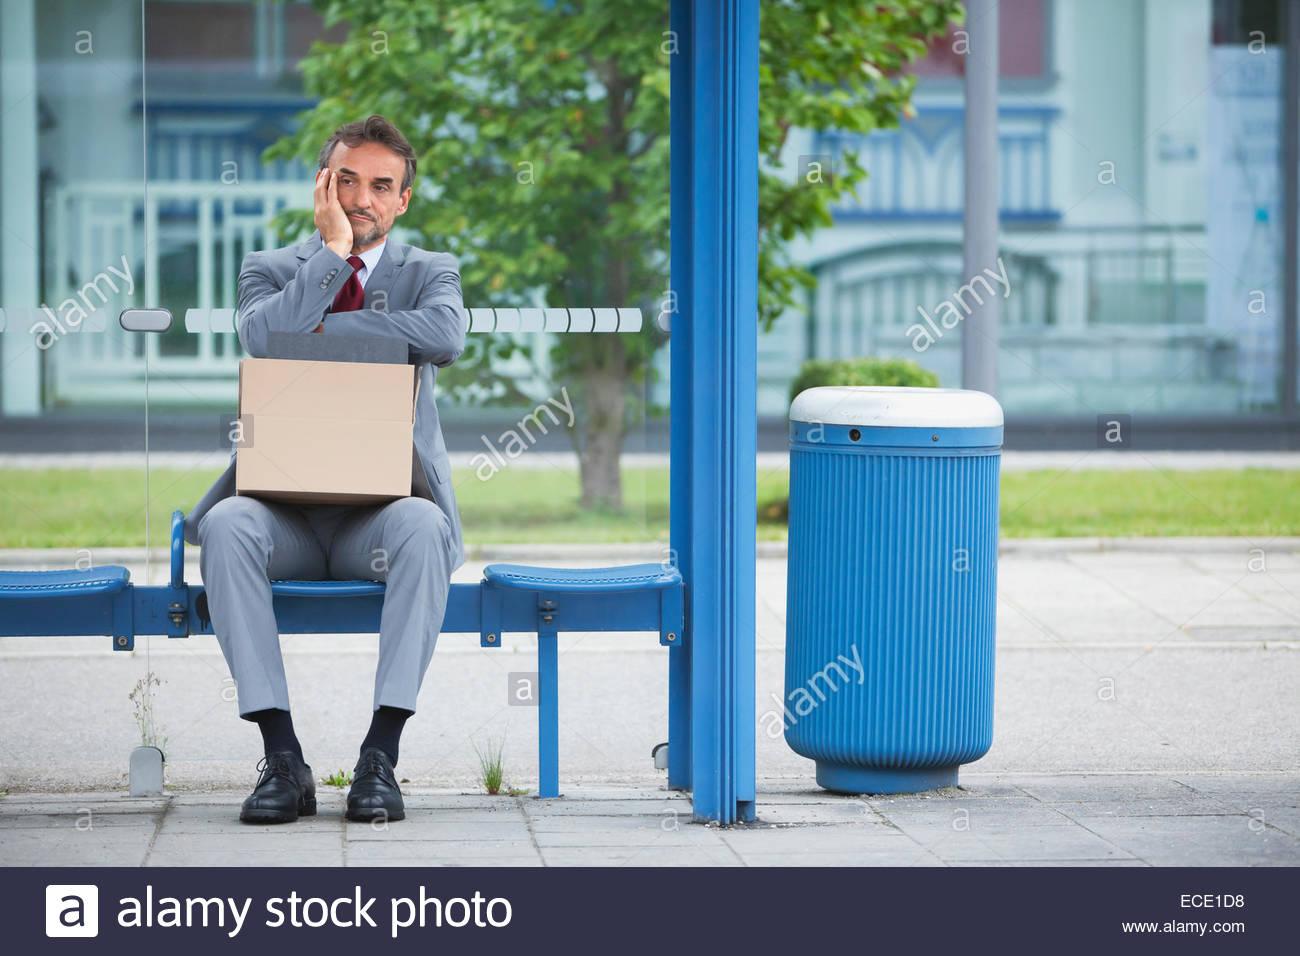 Seul l'homme l'anxiété mauvaise chance news entreprise en faillite Photo Stock